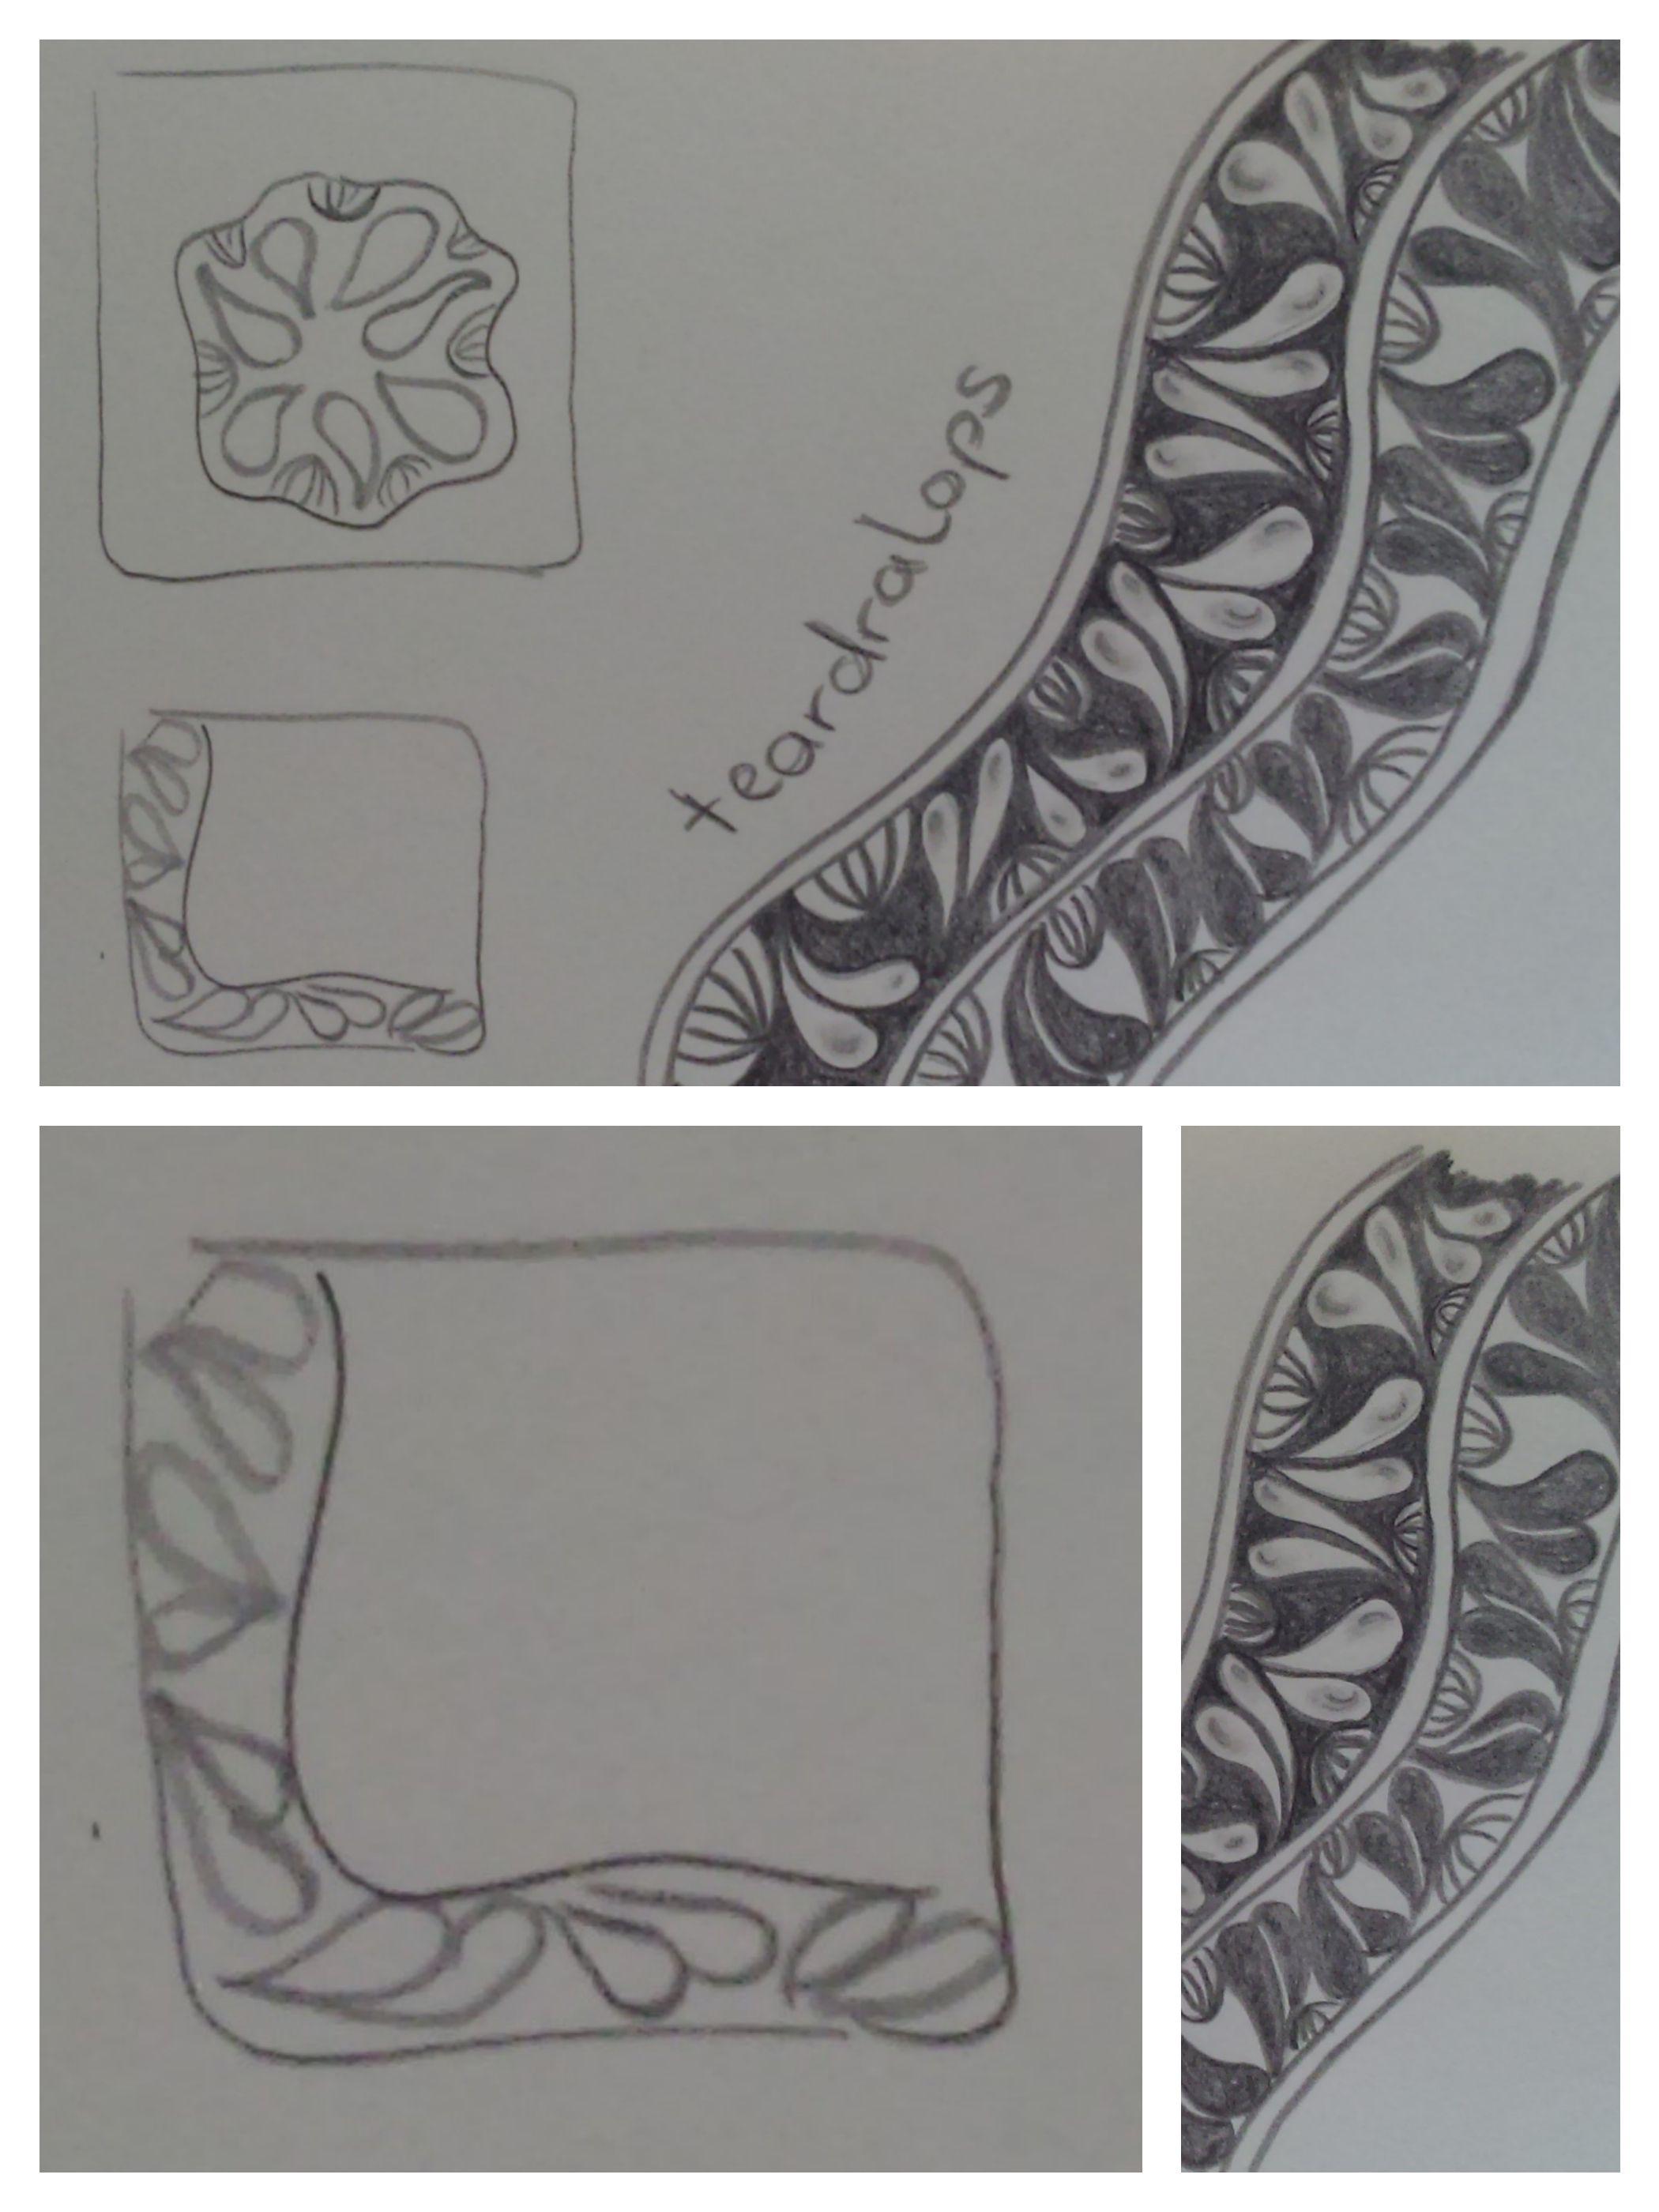 zentangle patterns: teardralops - gefunden auf https://www.flickr.com/photos/paintchip_61/albums/72157626103018863/page2